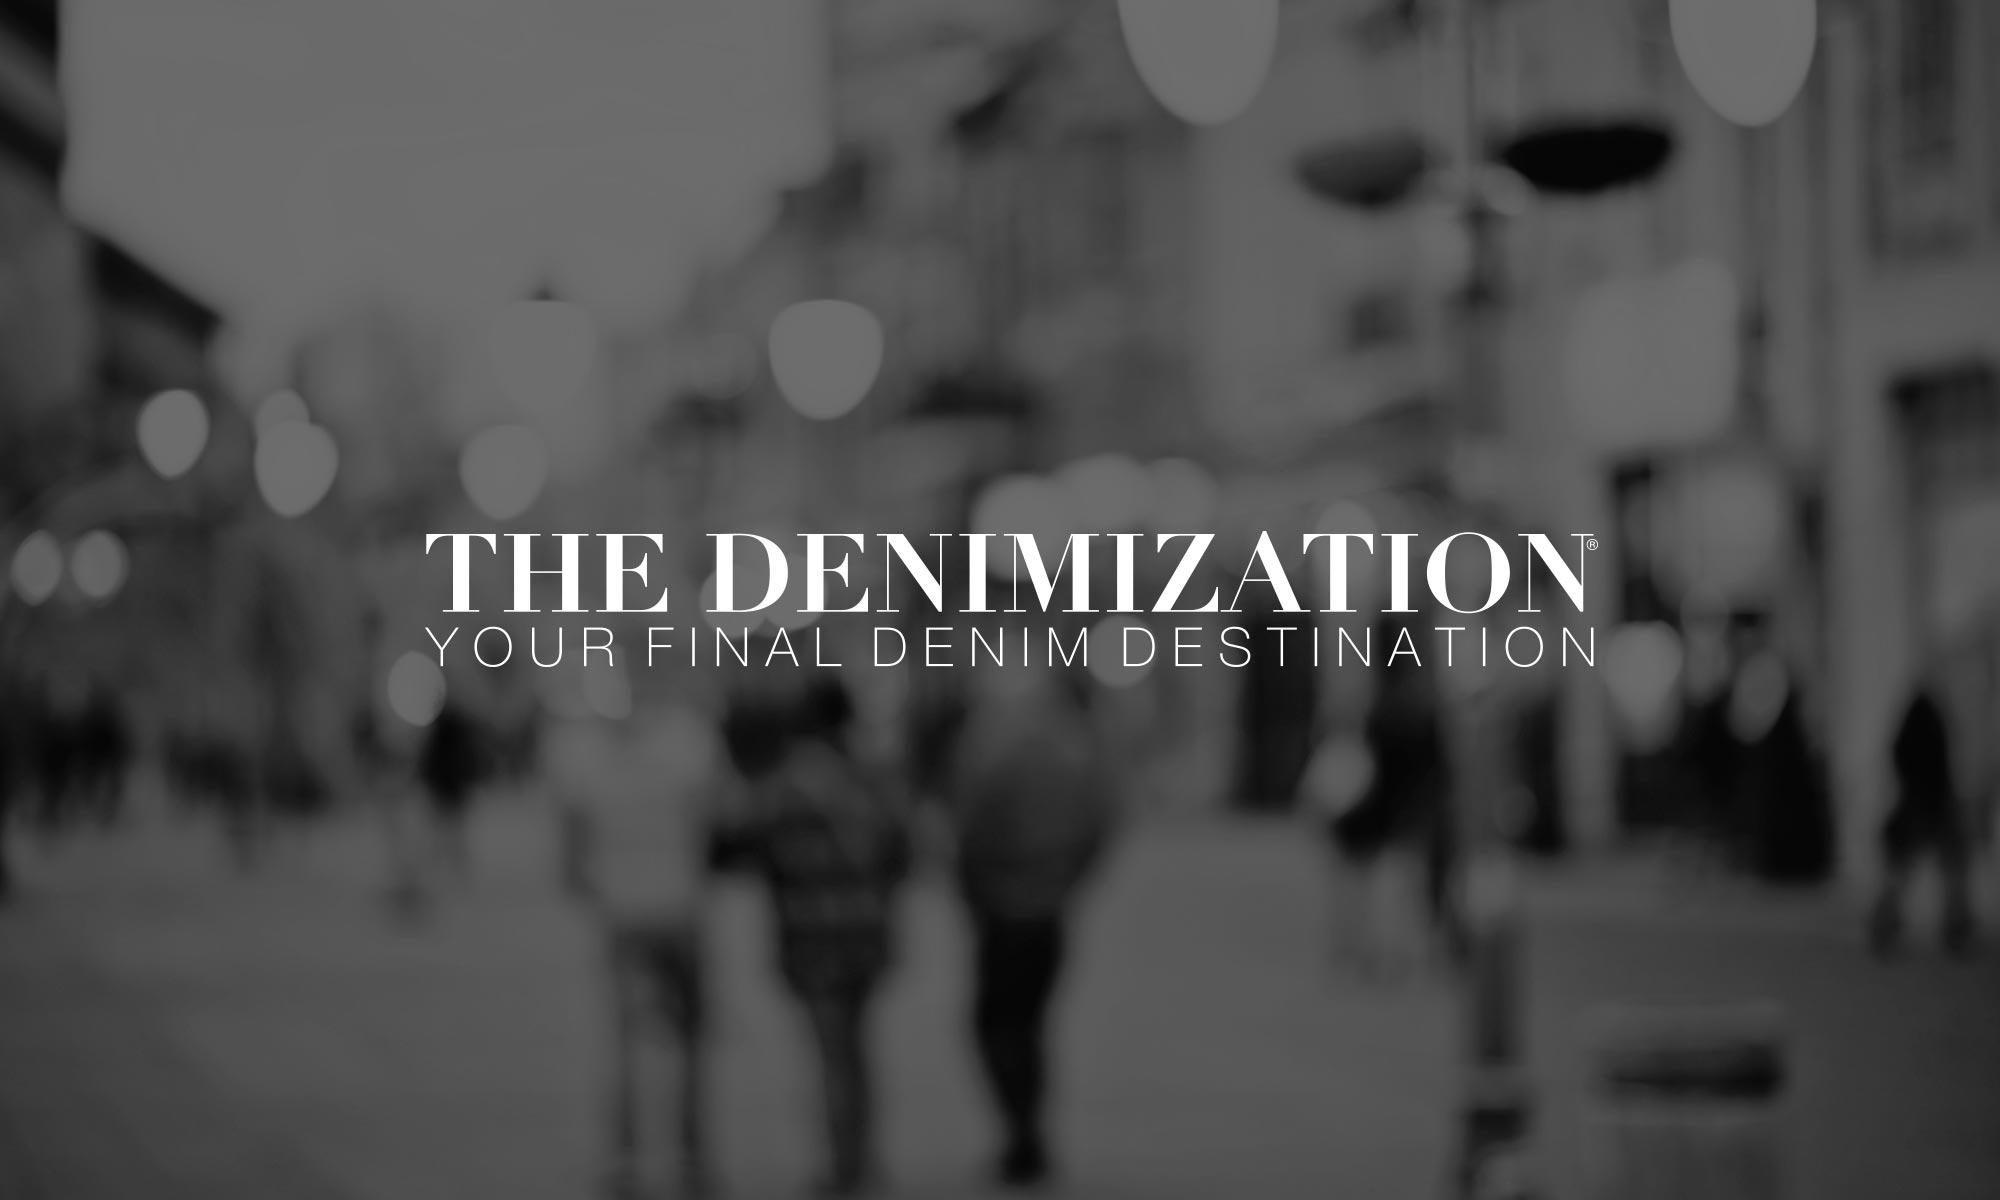 https://www.atelierzoz.com/wp-content/uploads/2020/03/works_denimization-1.jpg